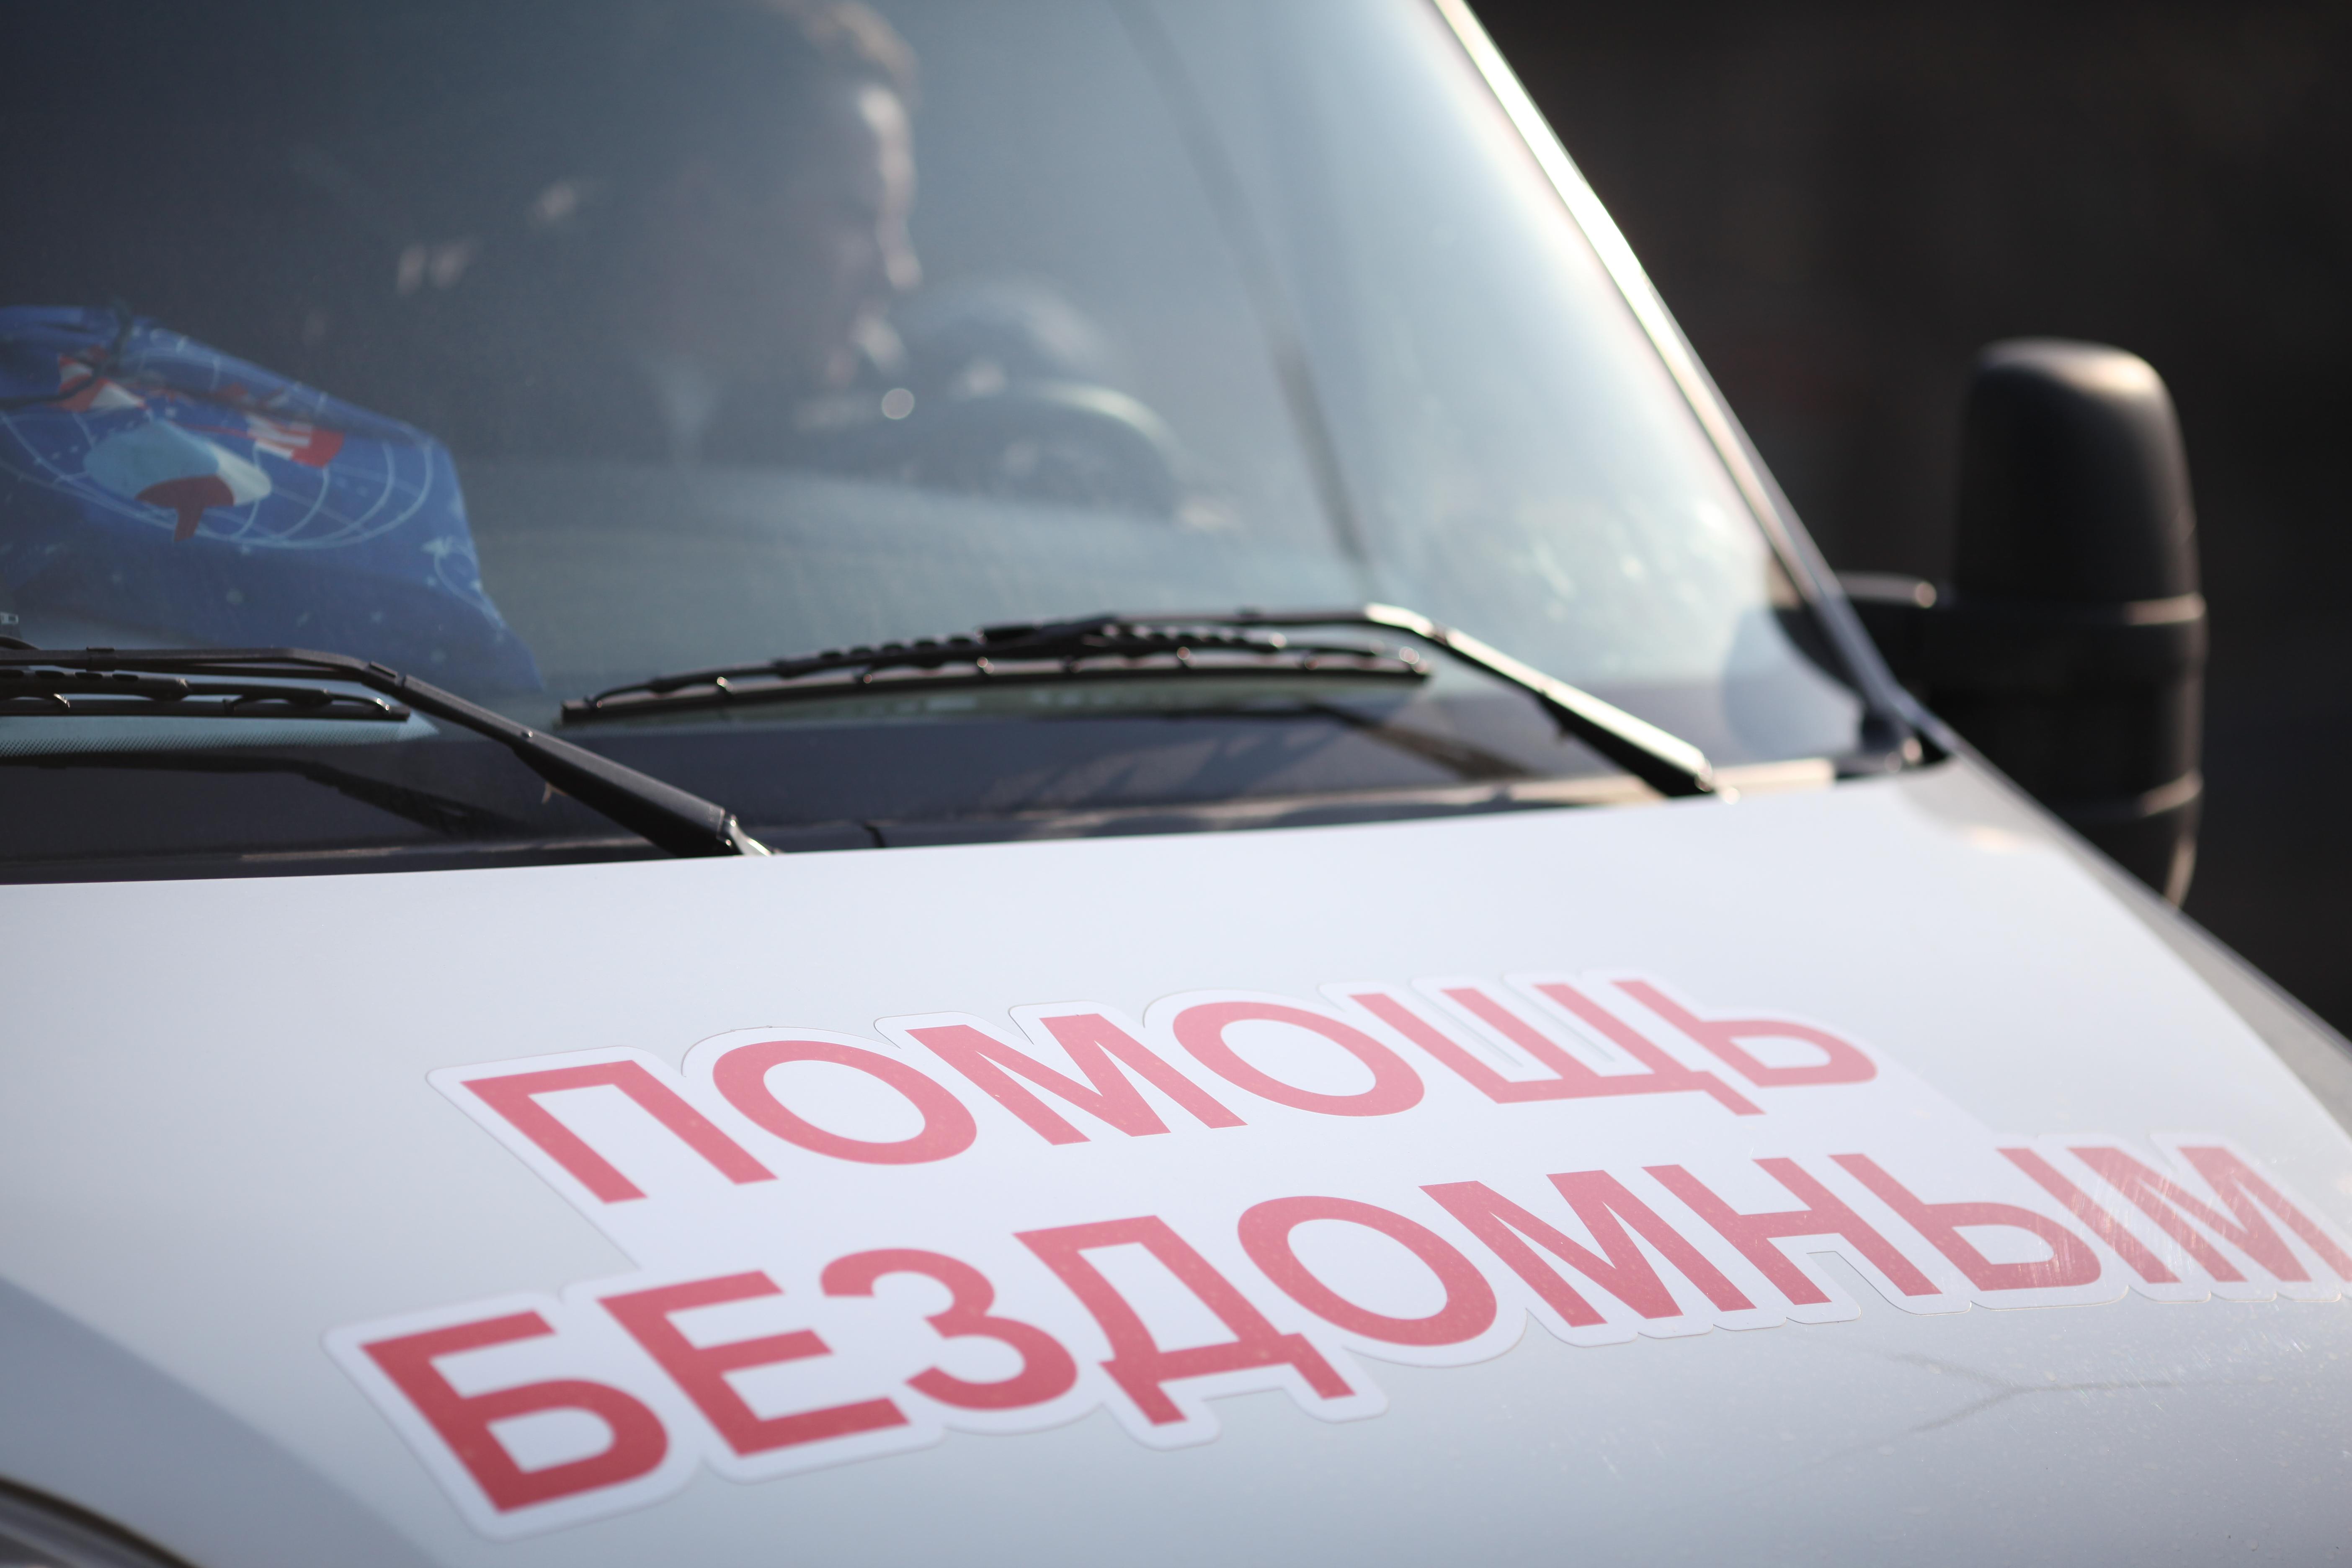 11 ноября в России стартует 16-дневный автопробег в помощь бездомным